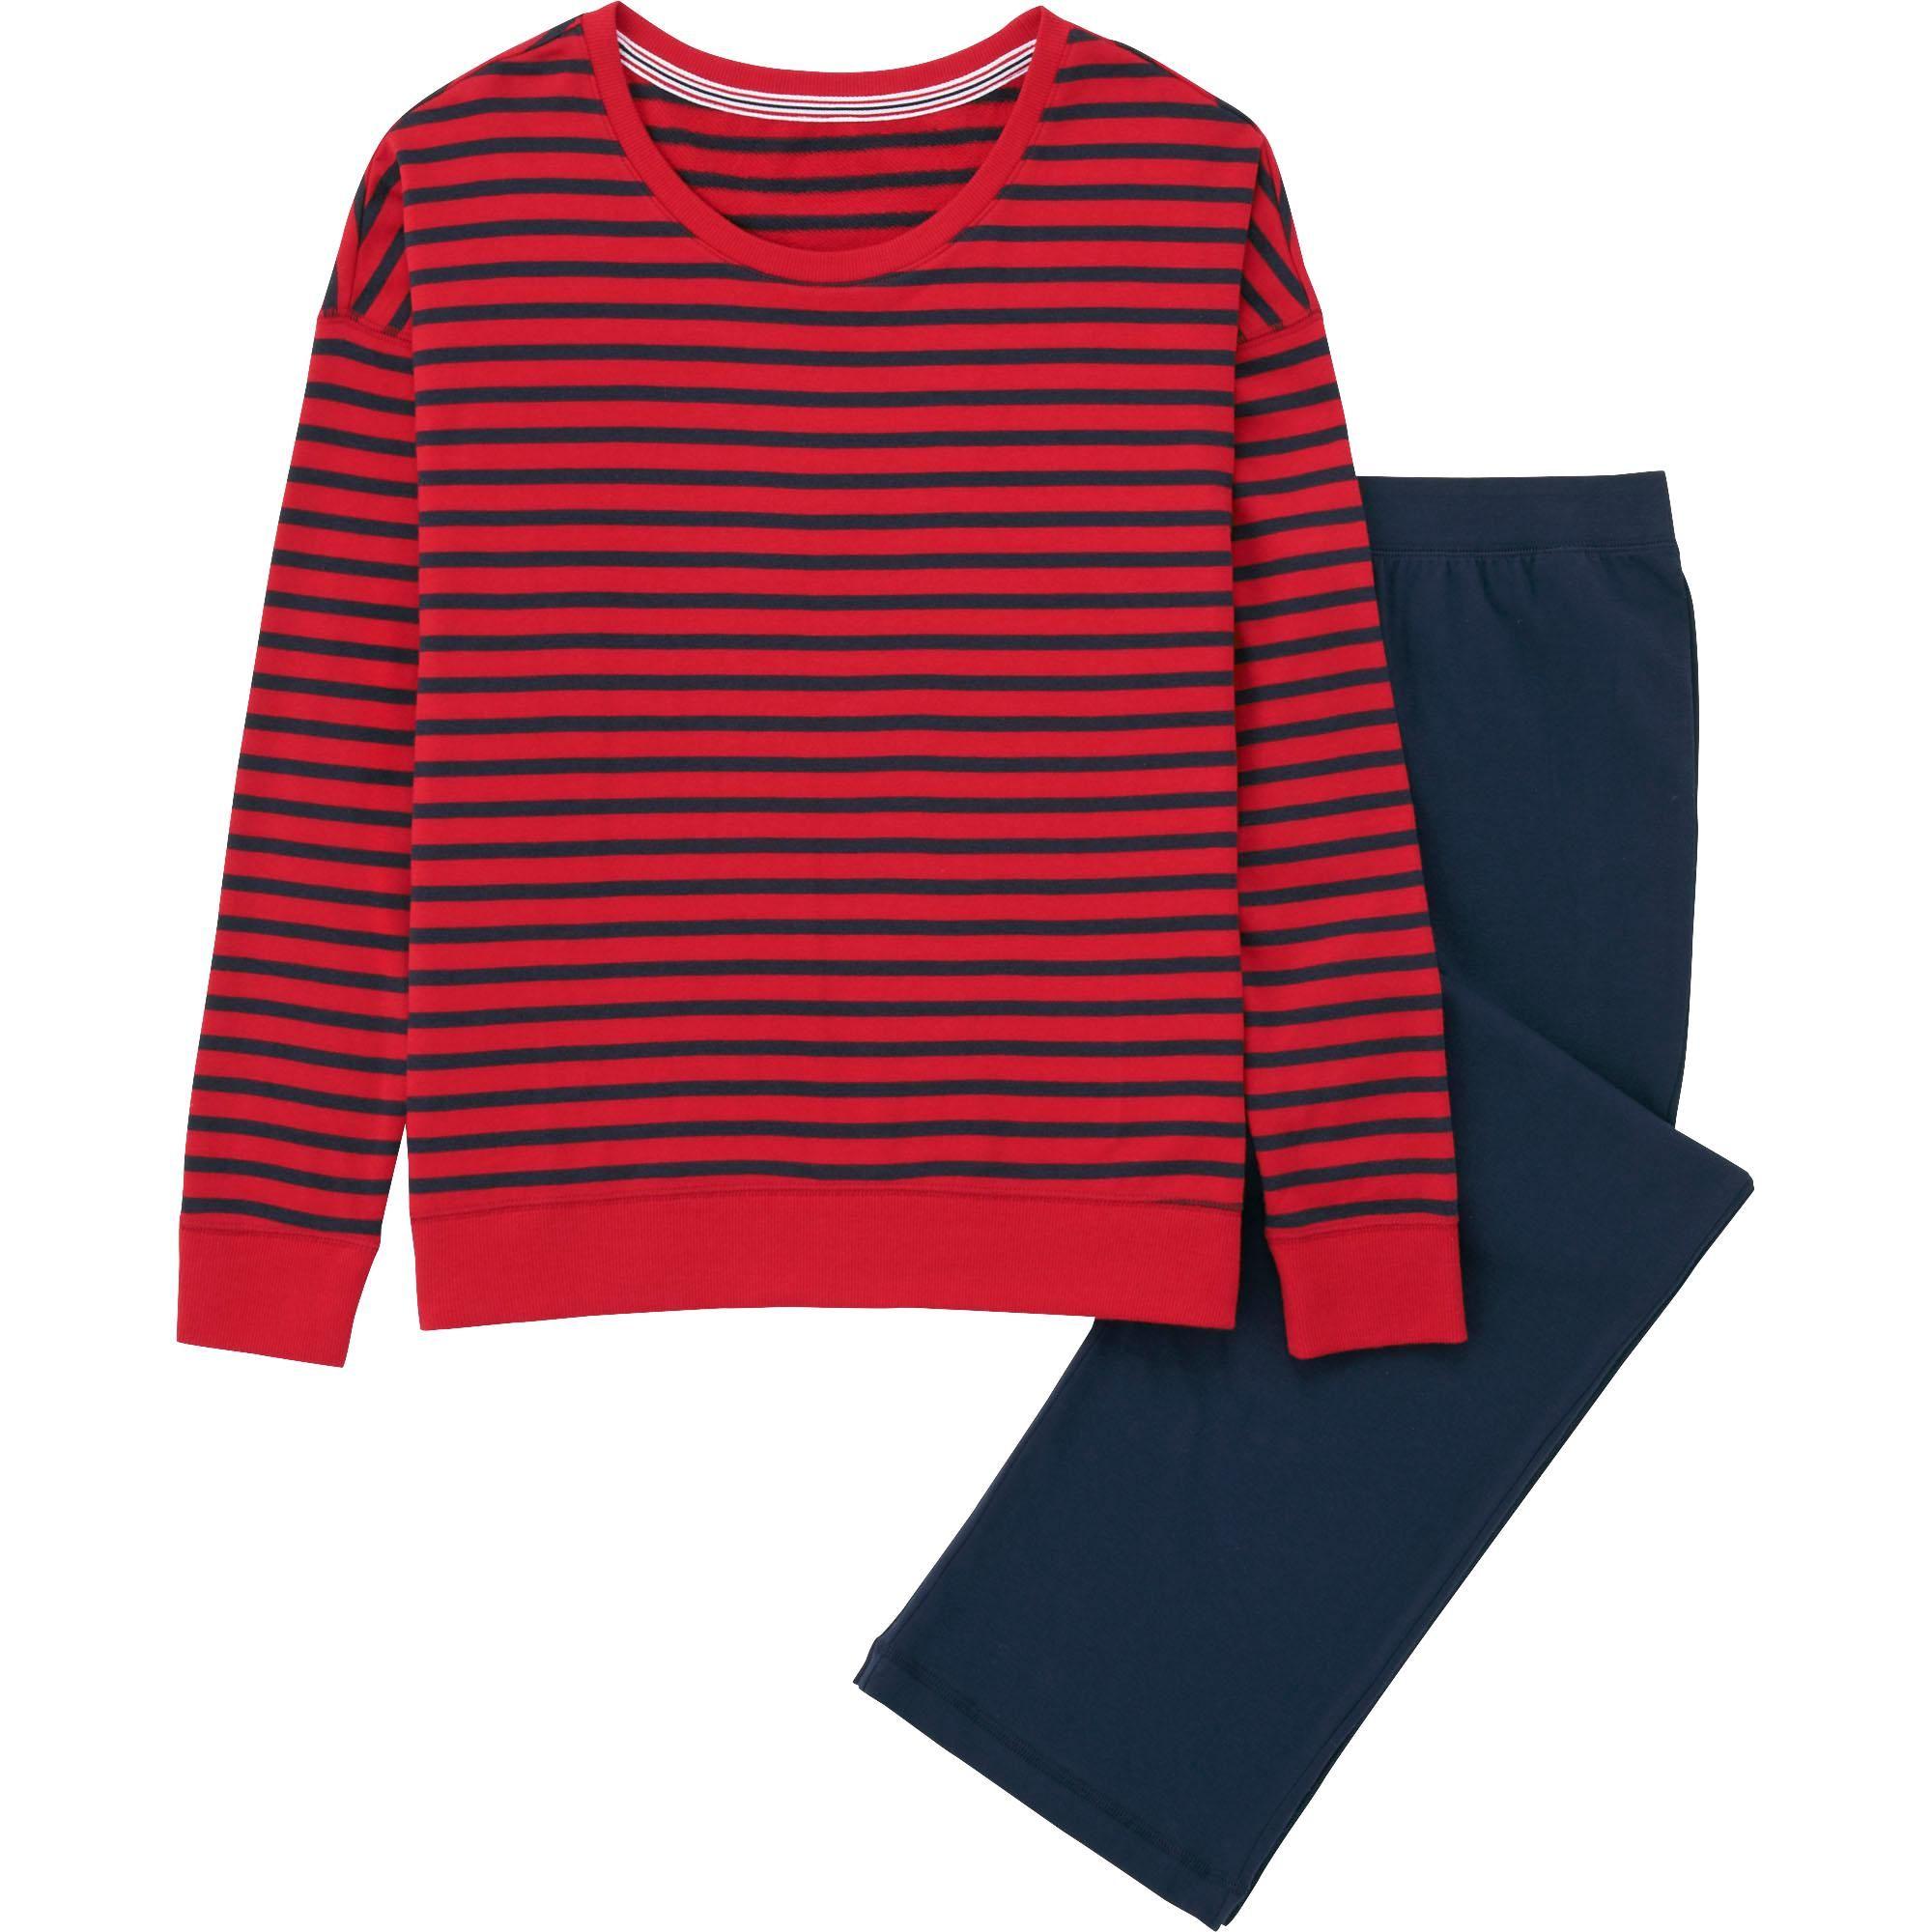 """<p>Uniqlo Women Sweat Set, $20; <a href=""""http://www.uniqlo.com/us/product/women-sweat-set-long-sleeve-stripe-151868.html#16~/women/intimates-and-loungewear/pajamas/sweat-sets/~"""">uniqlo.com</a></p>"""